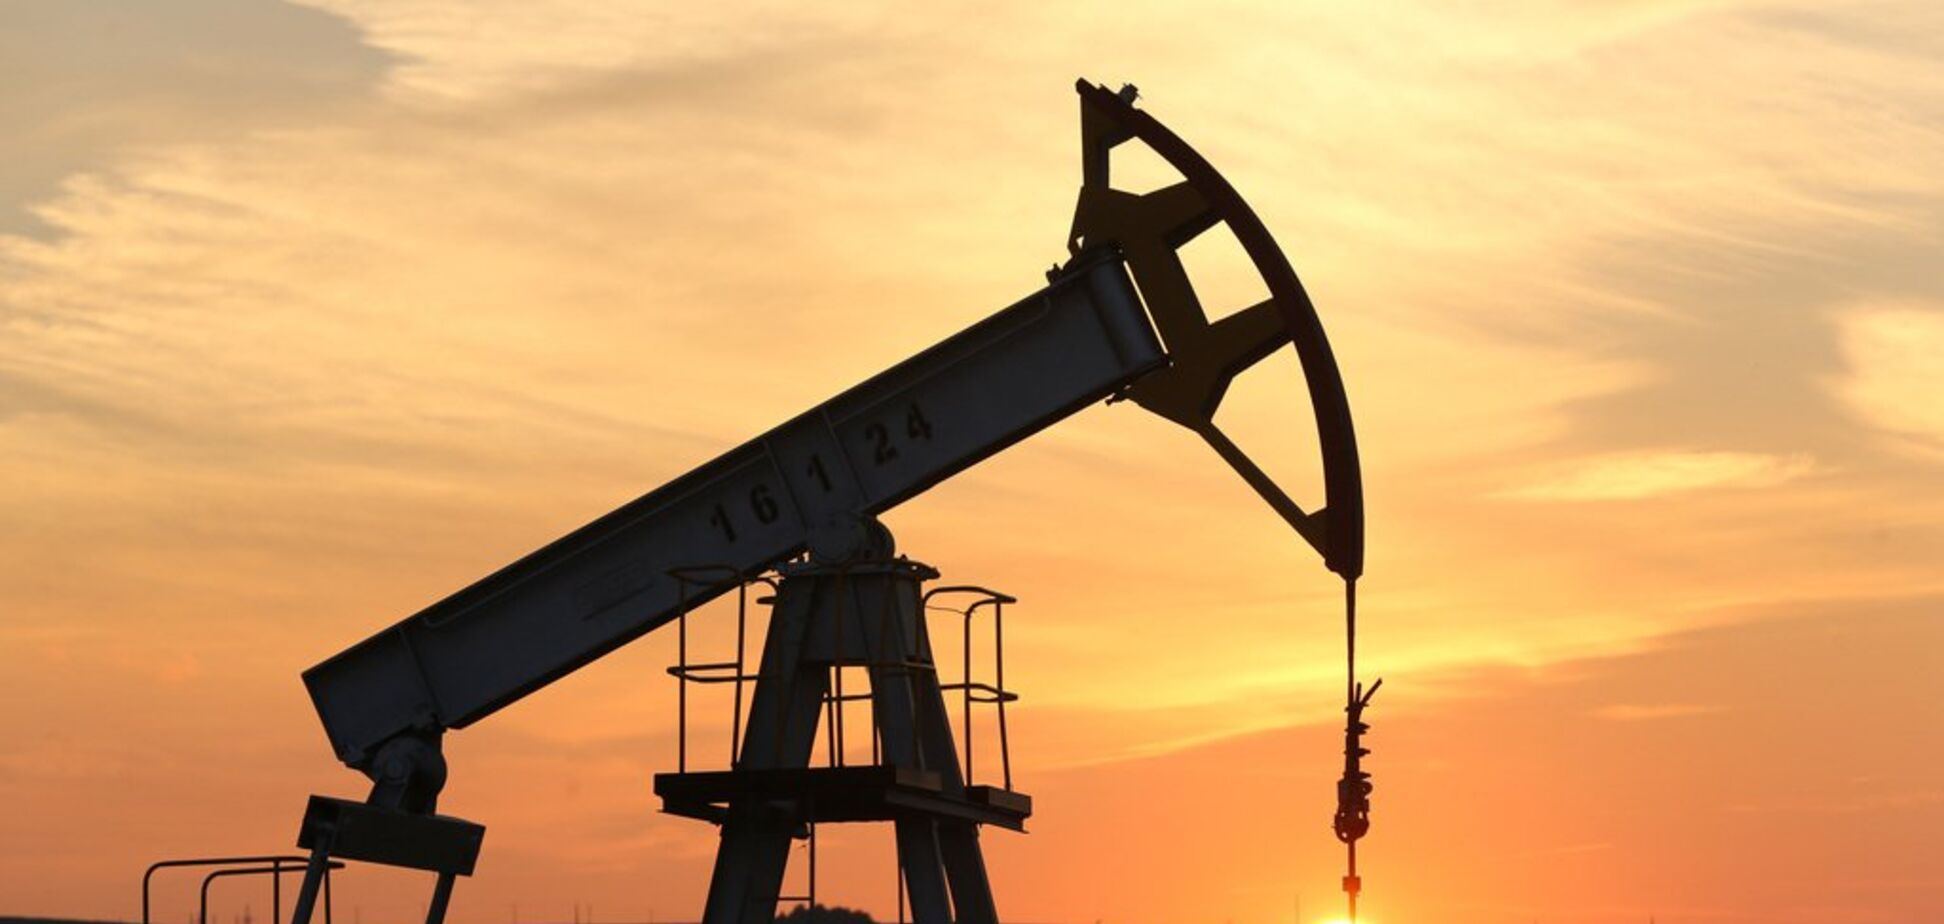 Світові ціни на нафту впали: НБУ пояснив, чого чекати Україні